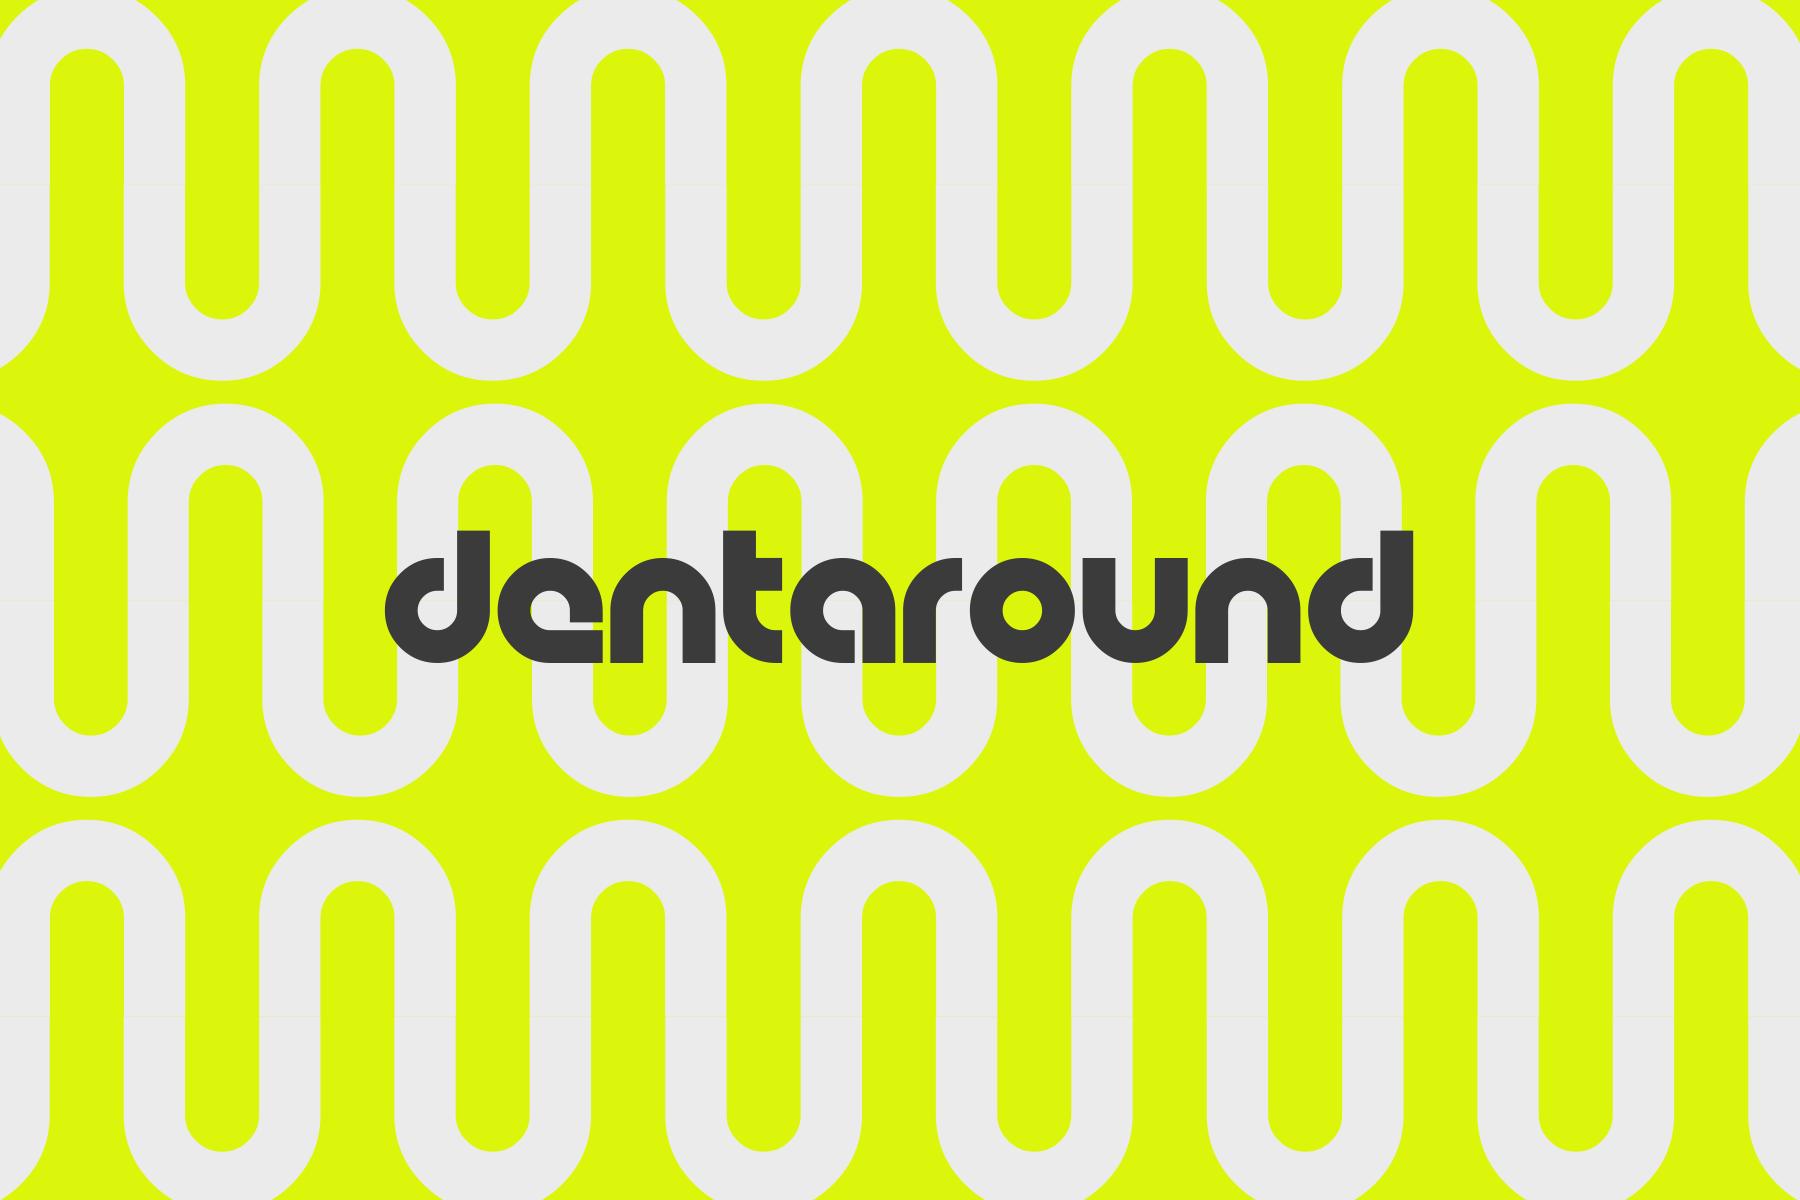 Dentaround